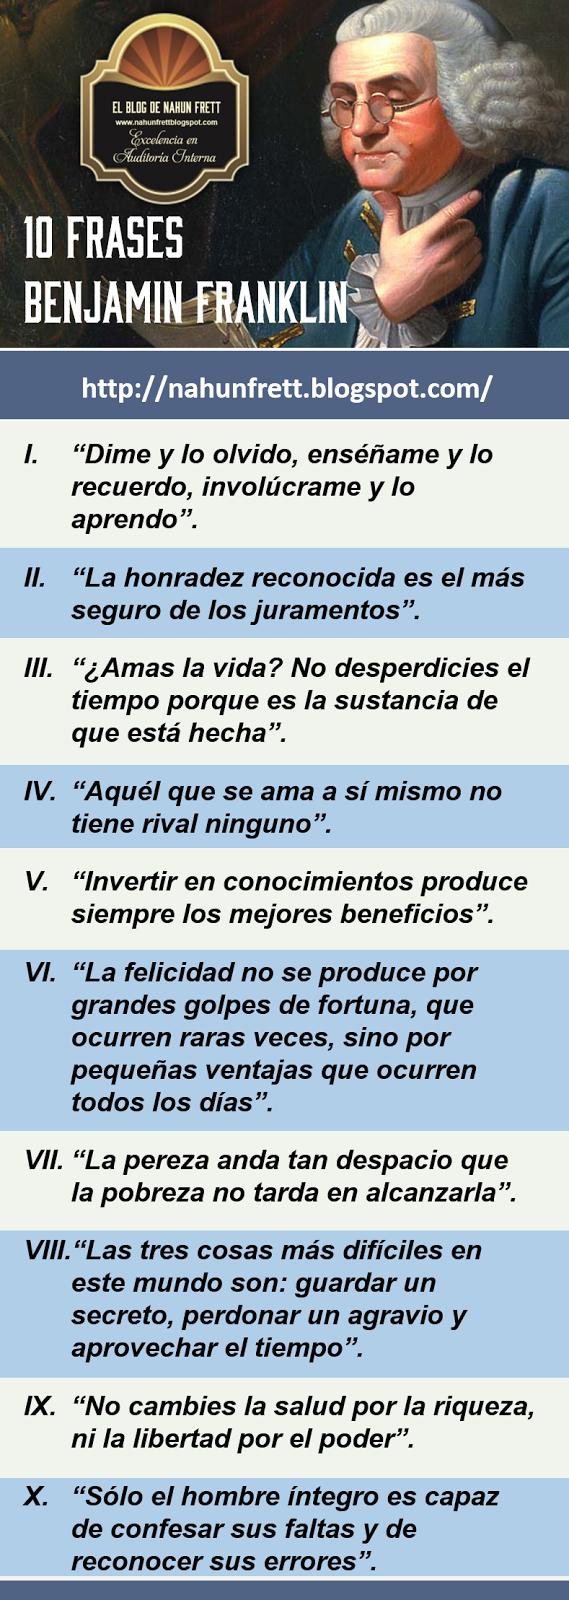 10 Frases De Benjamin Franklin Xavier Mármol Blum